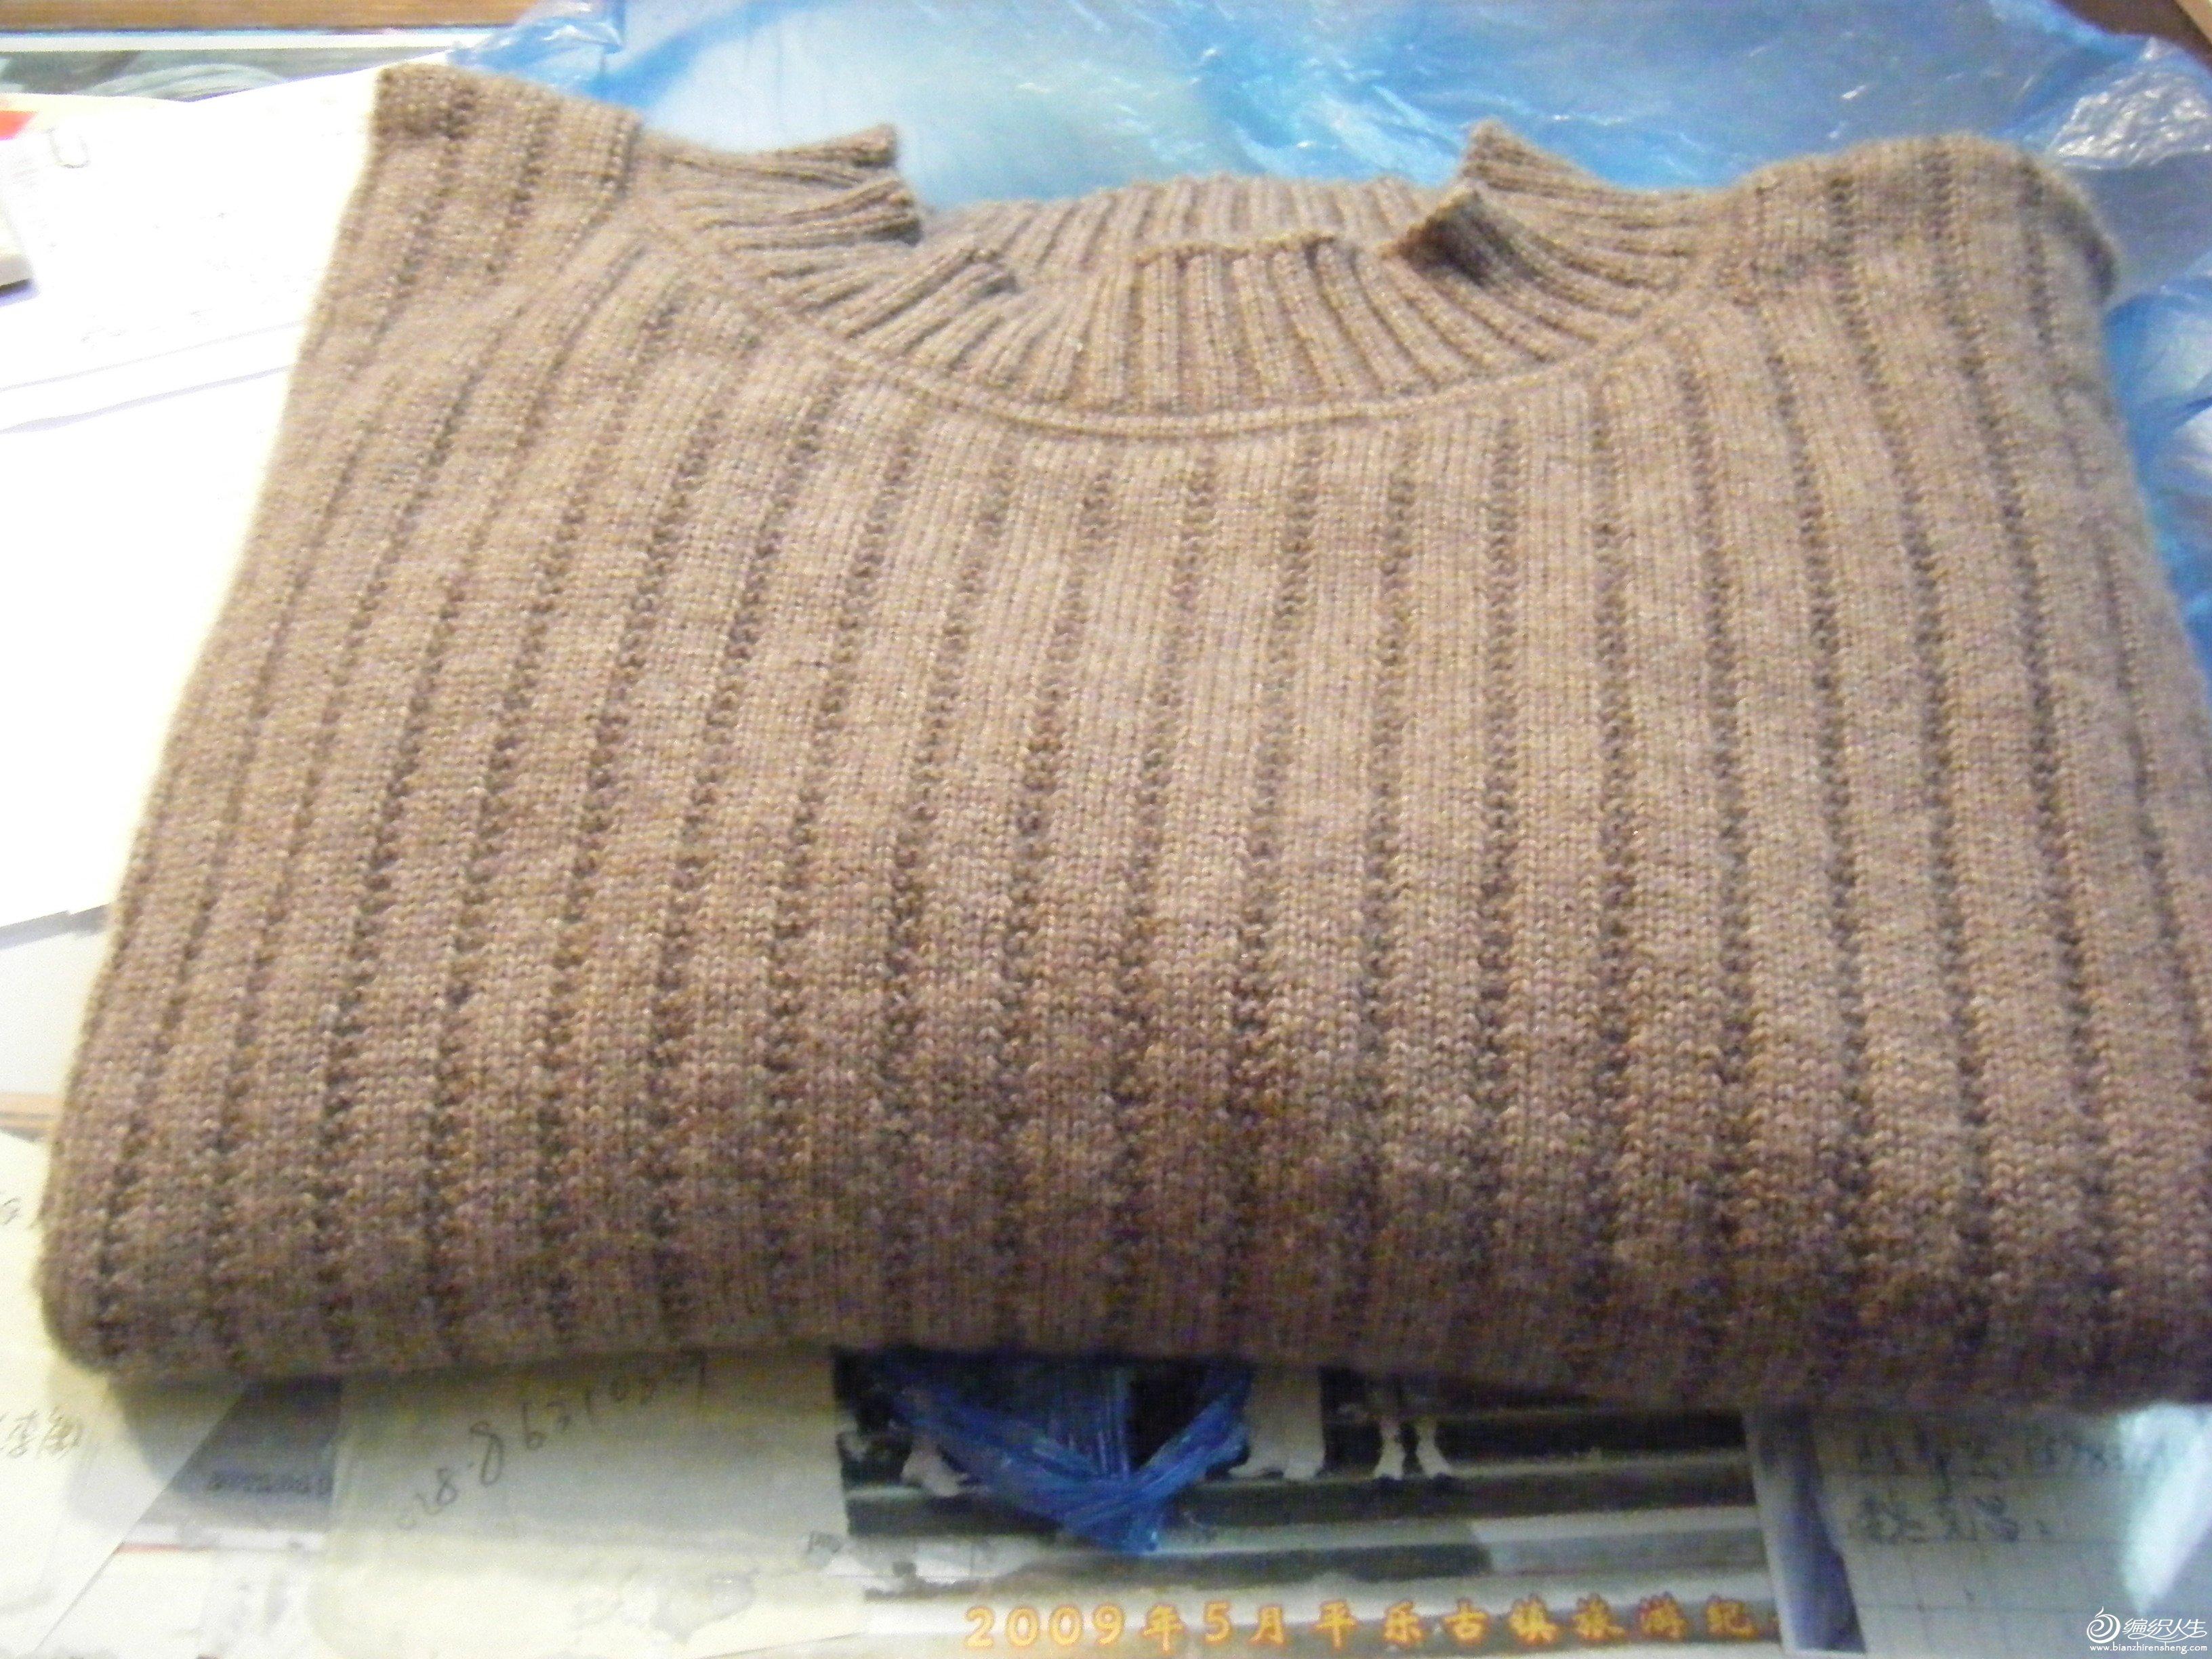 伊盟小铺家的线线公公的毛衣